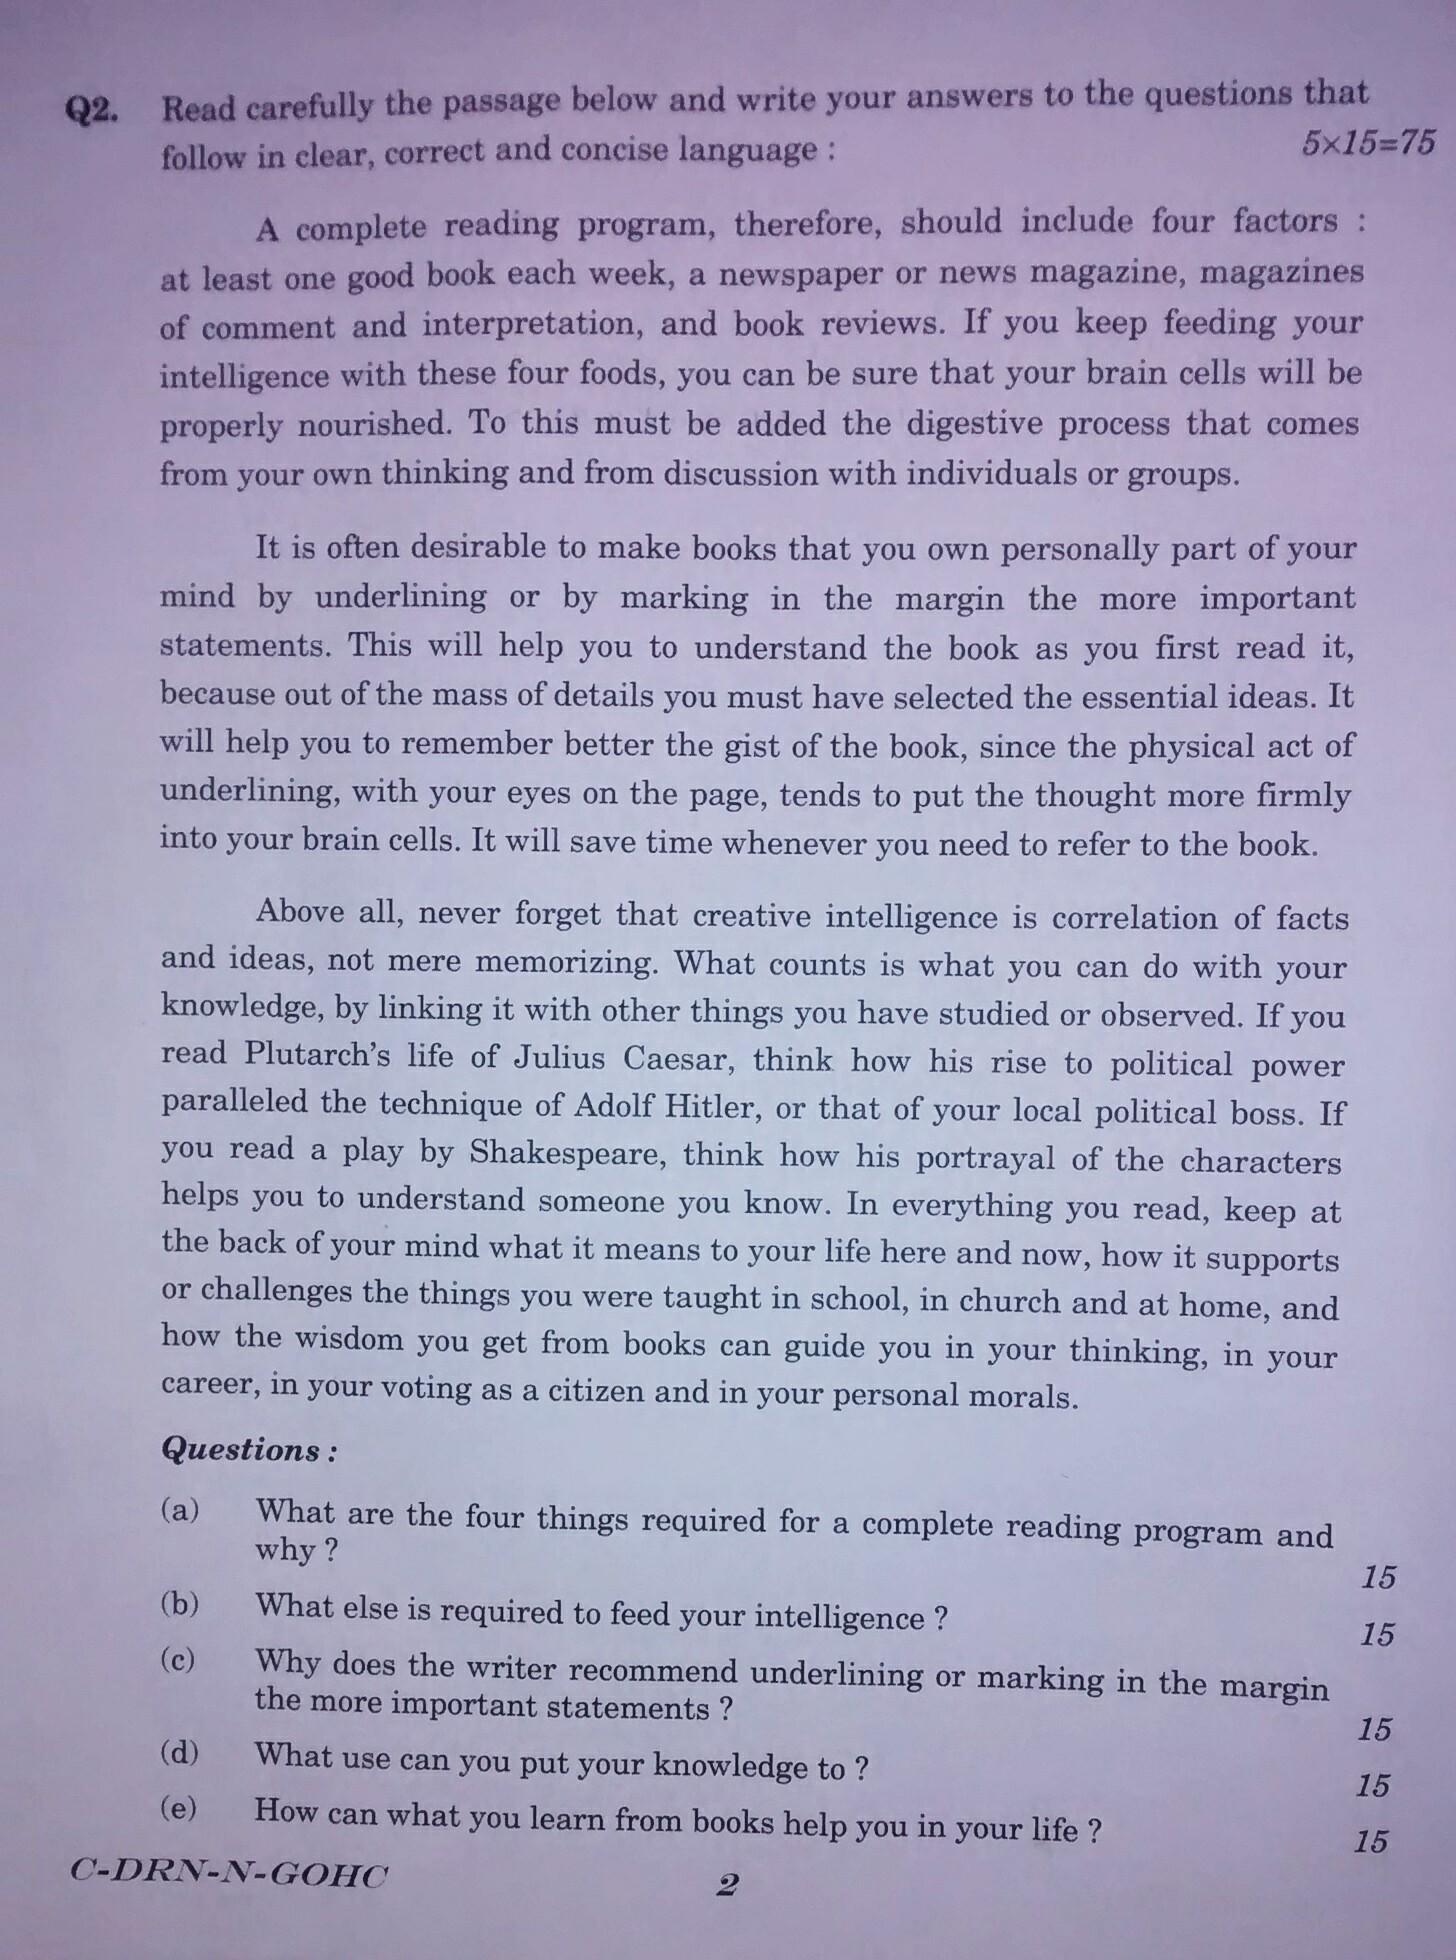 Civil service mains essay question paper 2014